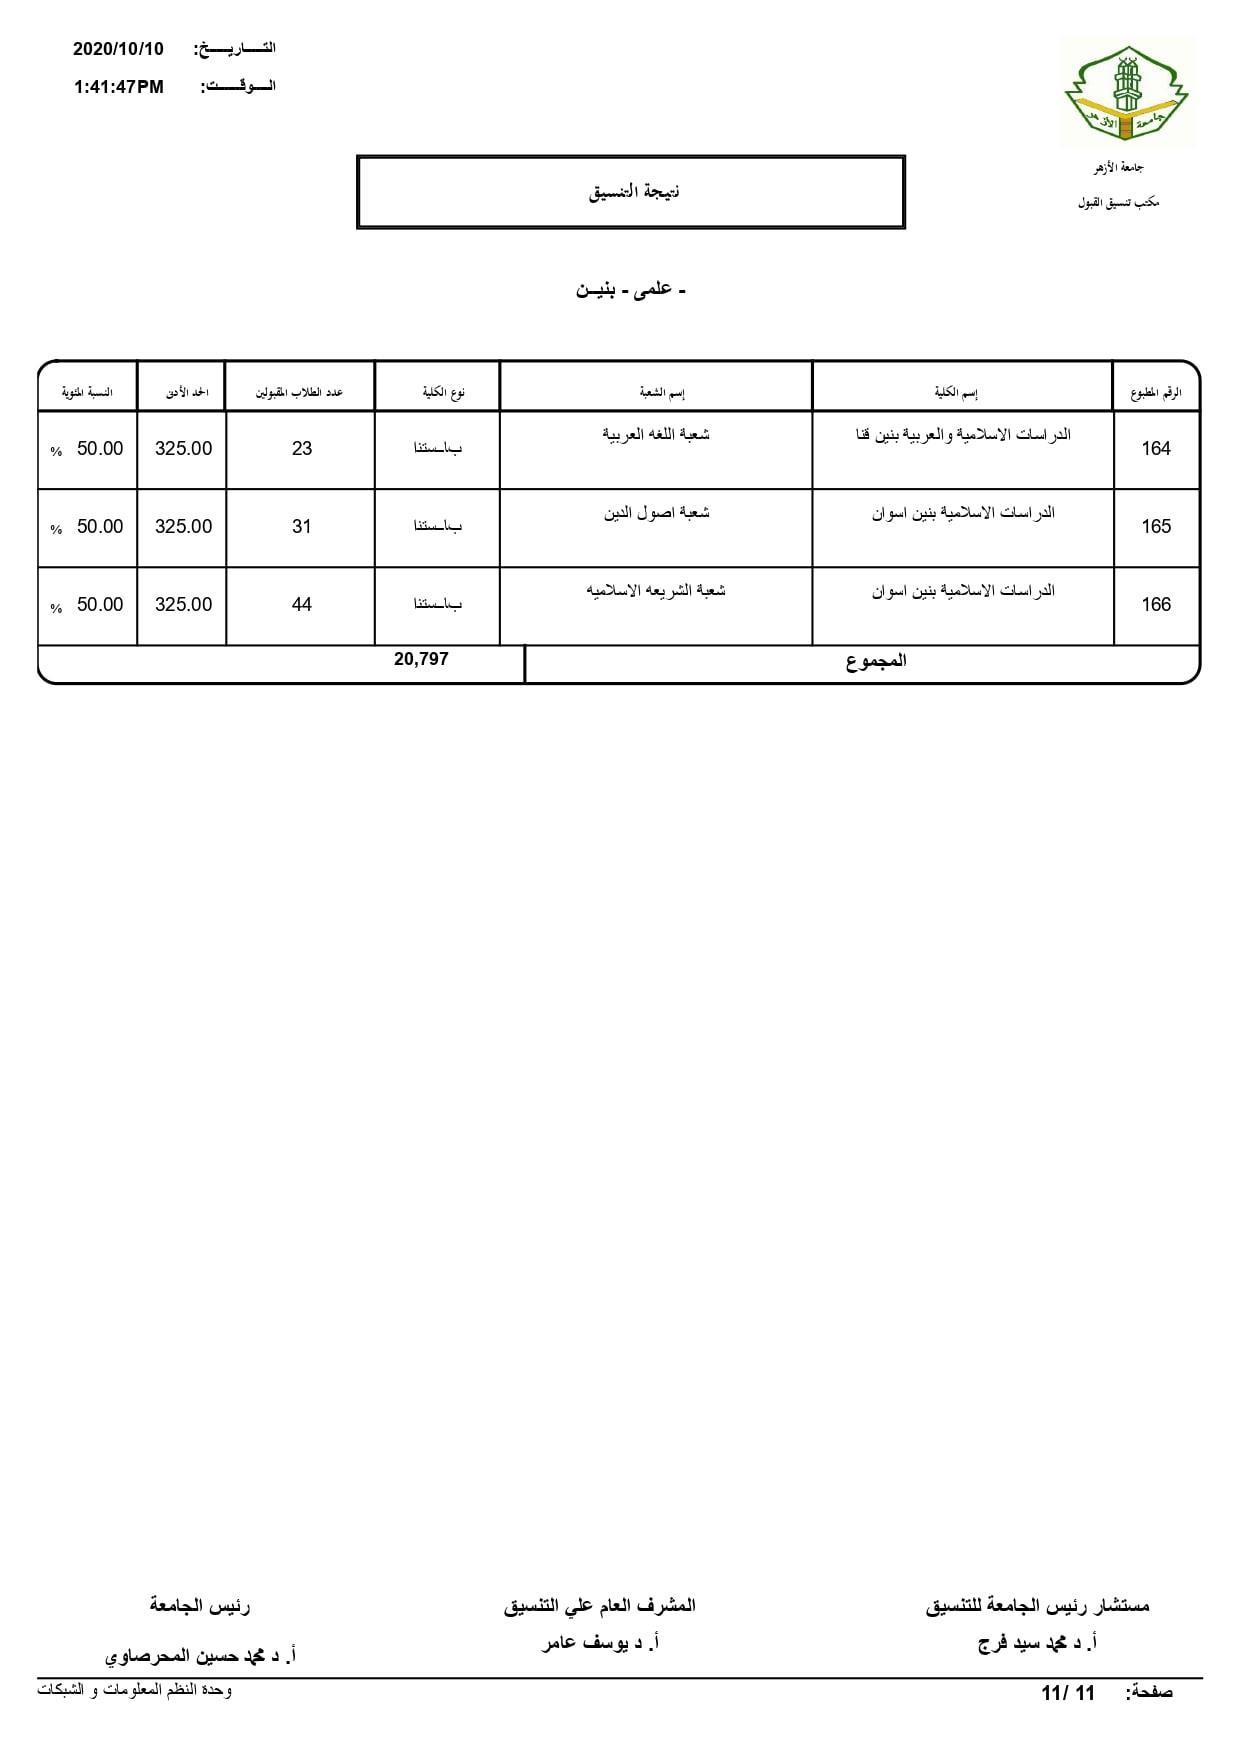 نتيجة تنسيق كليات جامعة الأزهر لعام 2020 بالكامل 20201010201010016